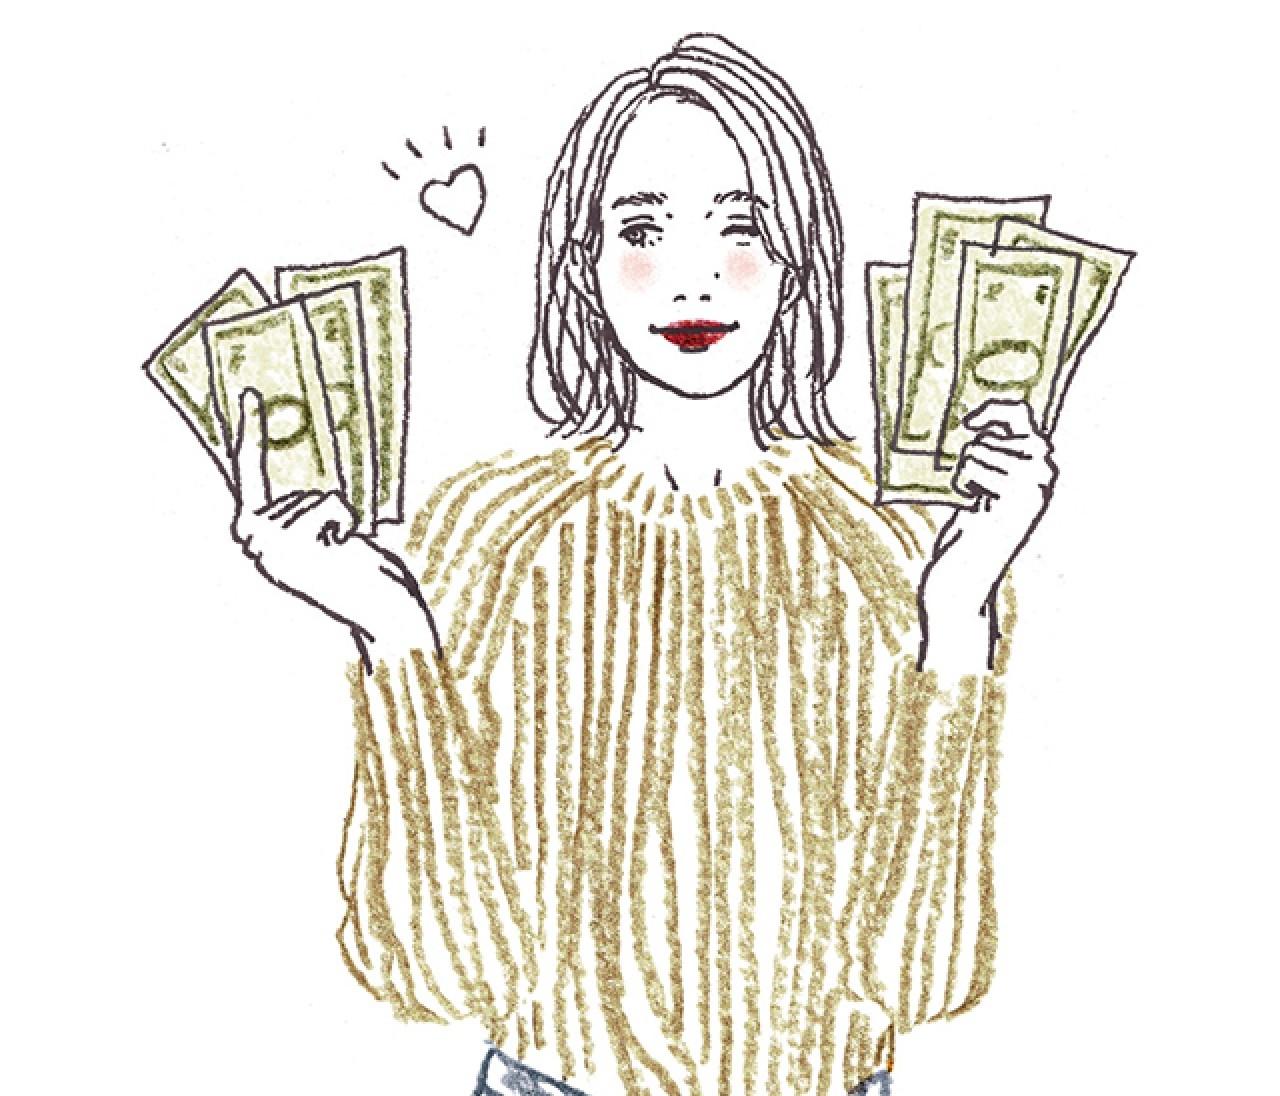 月々の貯金は?アラサー読者世代のセキララお金事情を大発表!【バイラーズのリアル大公開⑦】